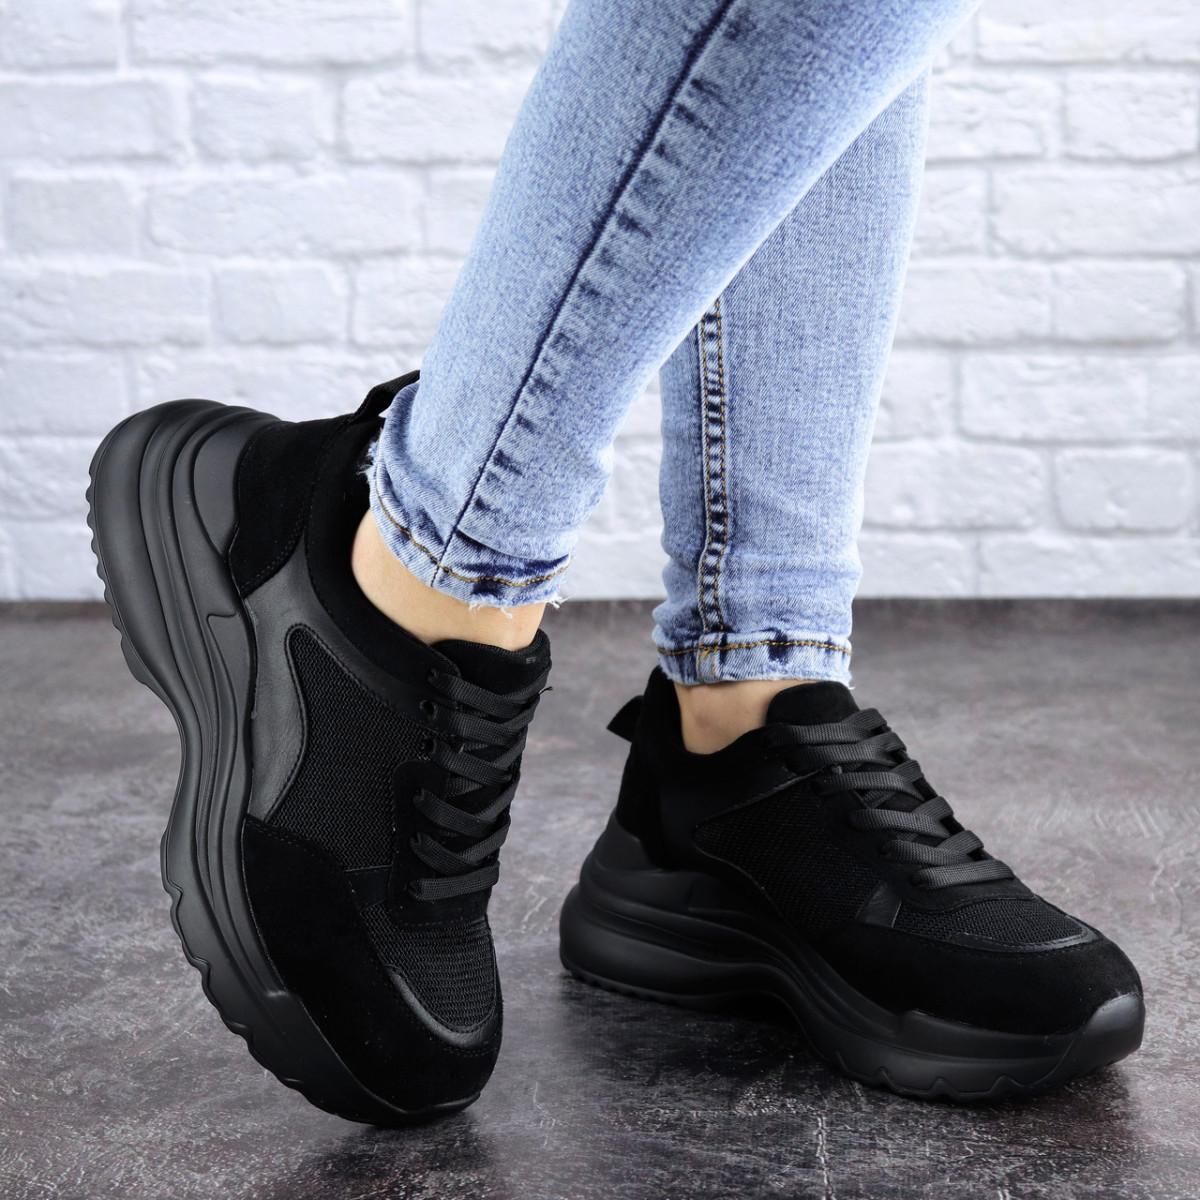 Жіночі кросівки Fashion Mishu 2041 37 розмір 23,5 см Чорний